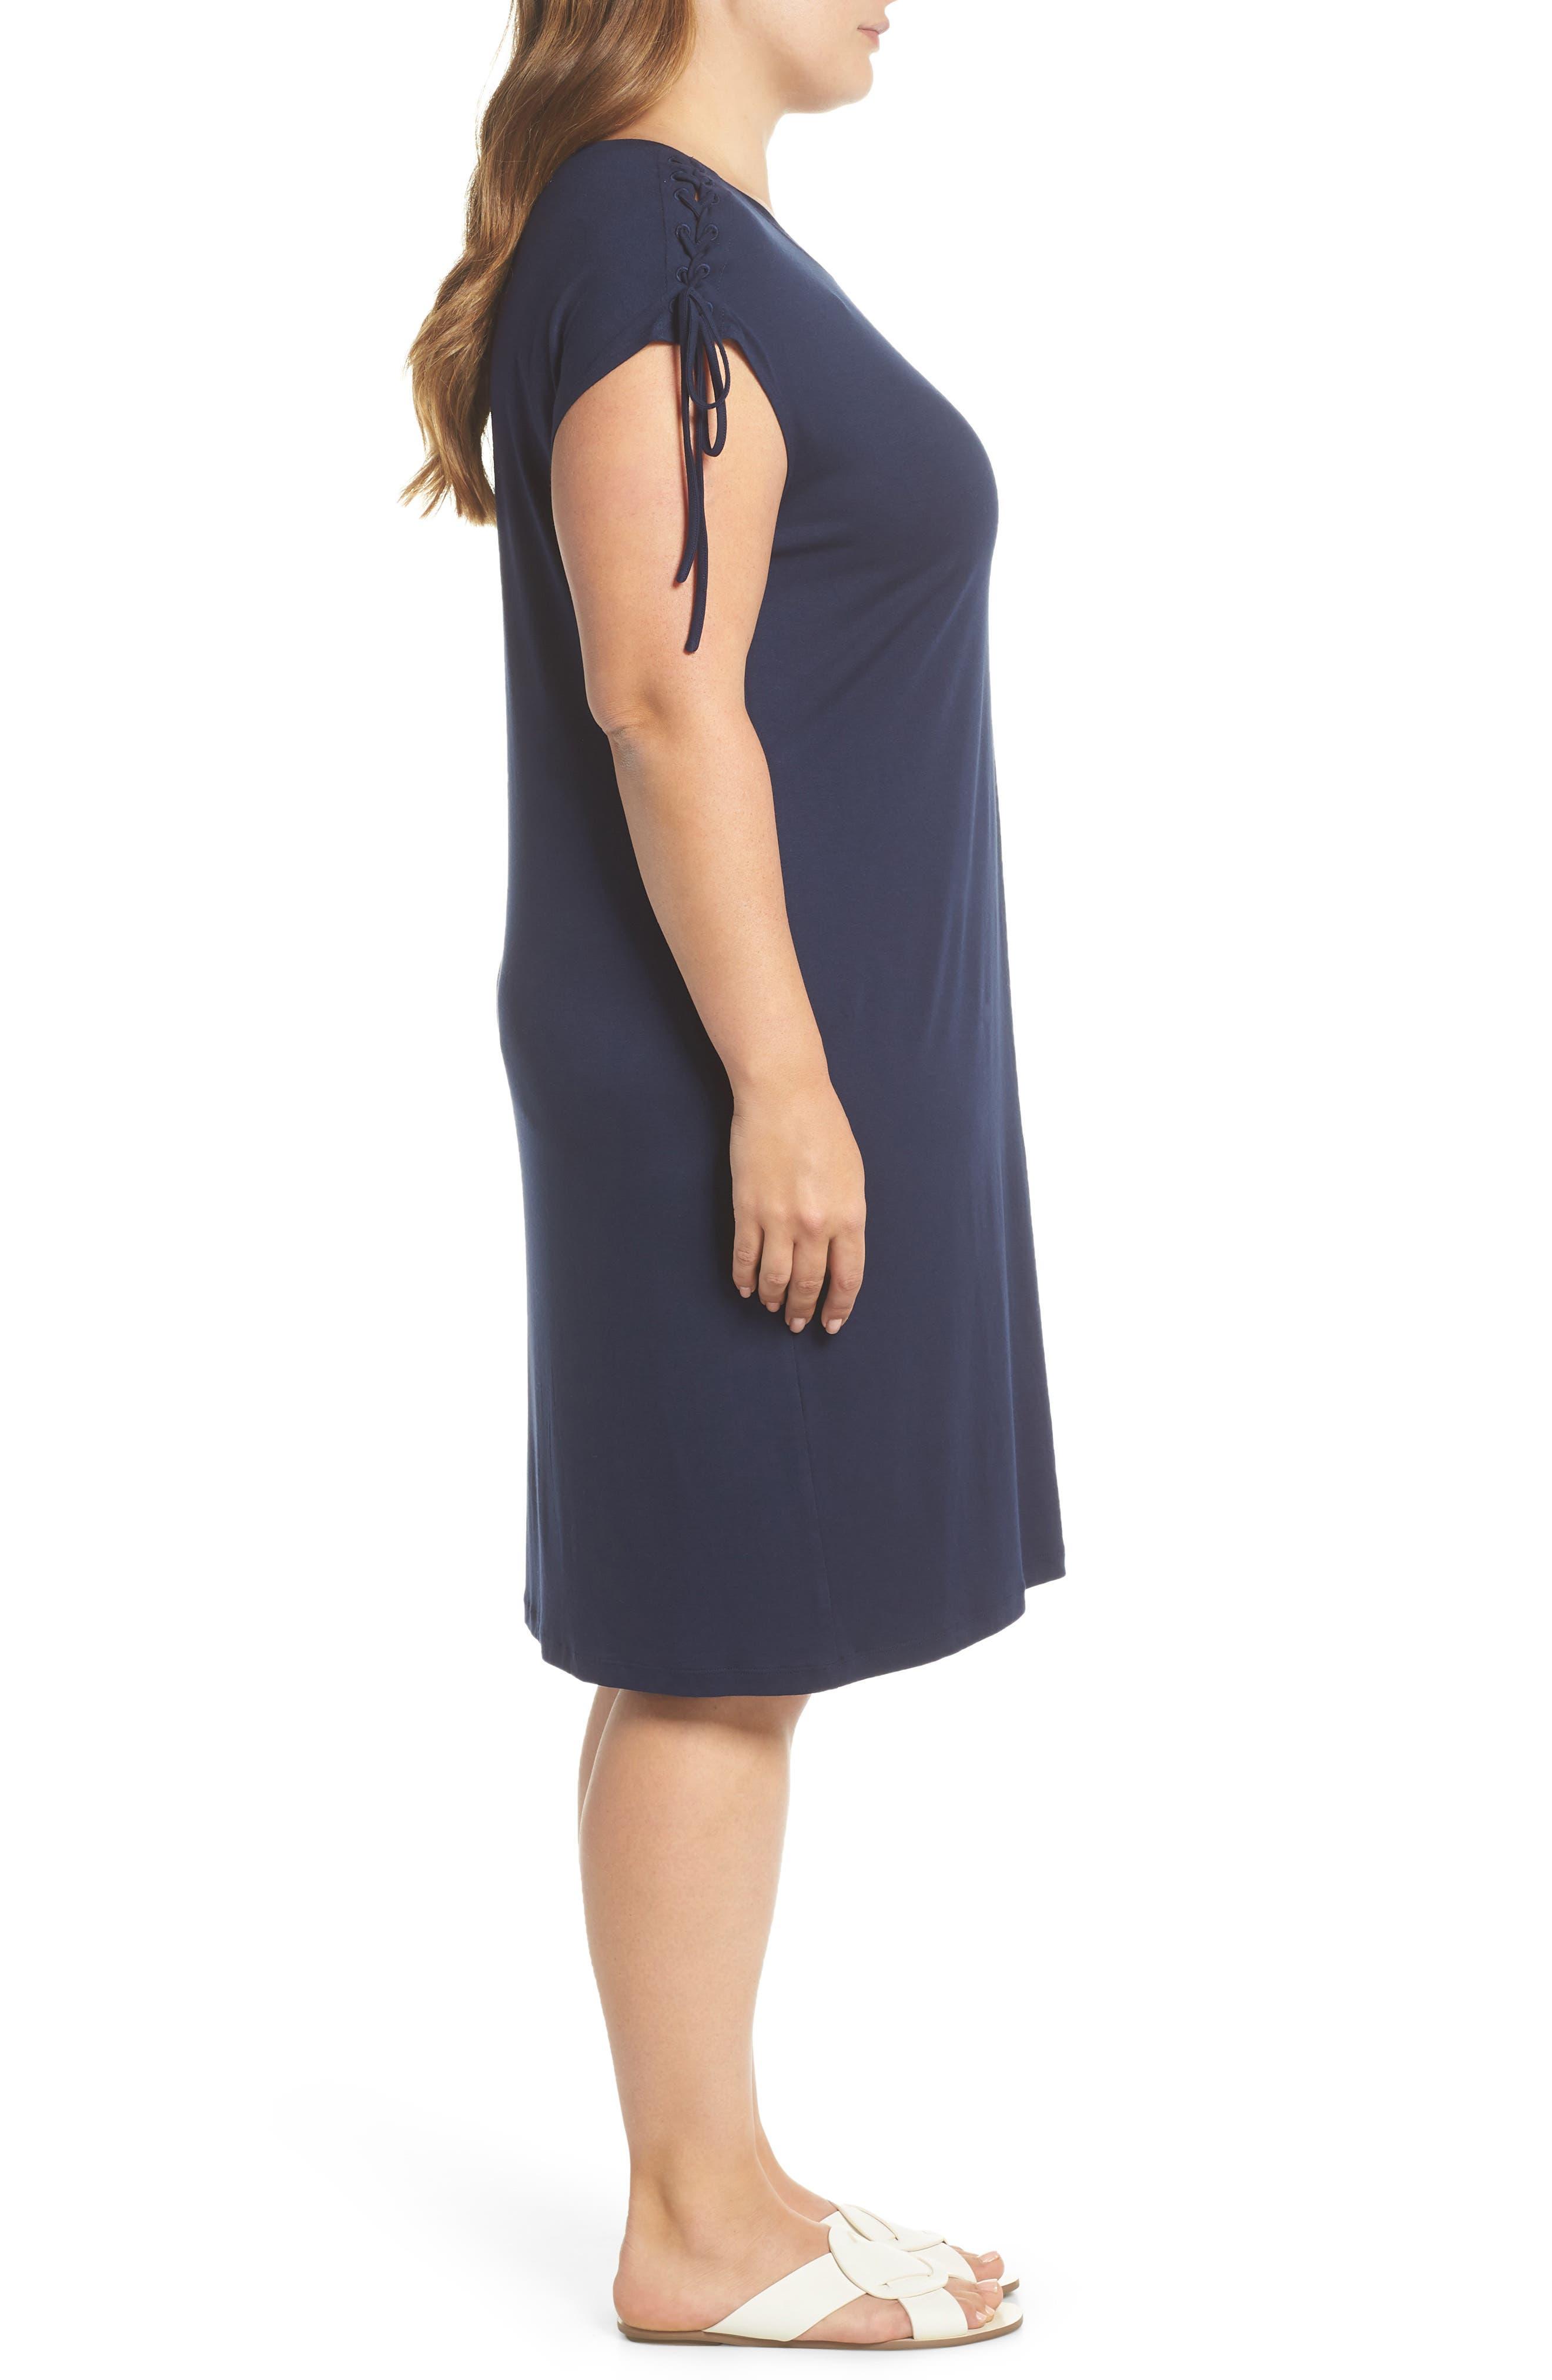 VINCE CAMUTO,                             Lace-Up Shoulder T-Shirt Dress,                             Alternate thumbnail 4, color,                             461